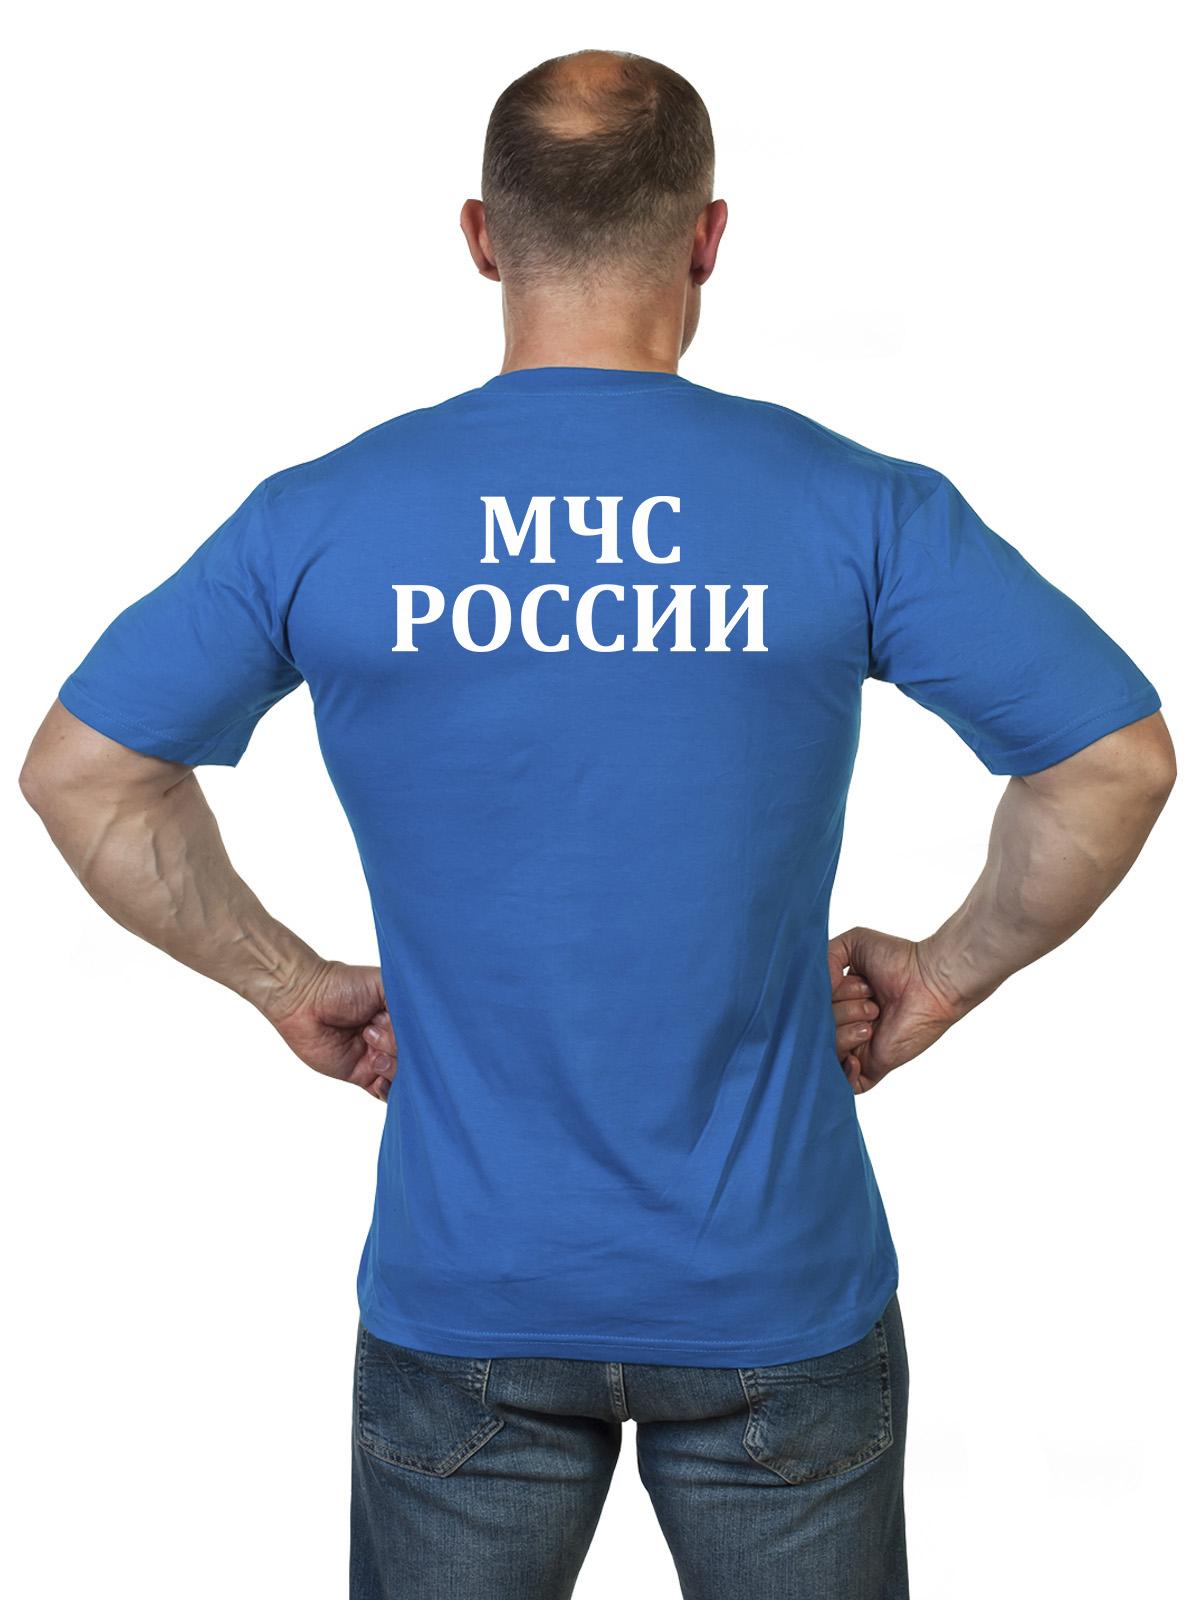 Мужская футболка подарок на День рождения МЧС